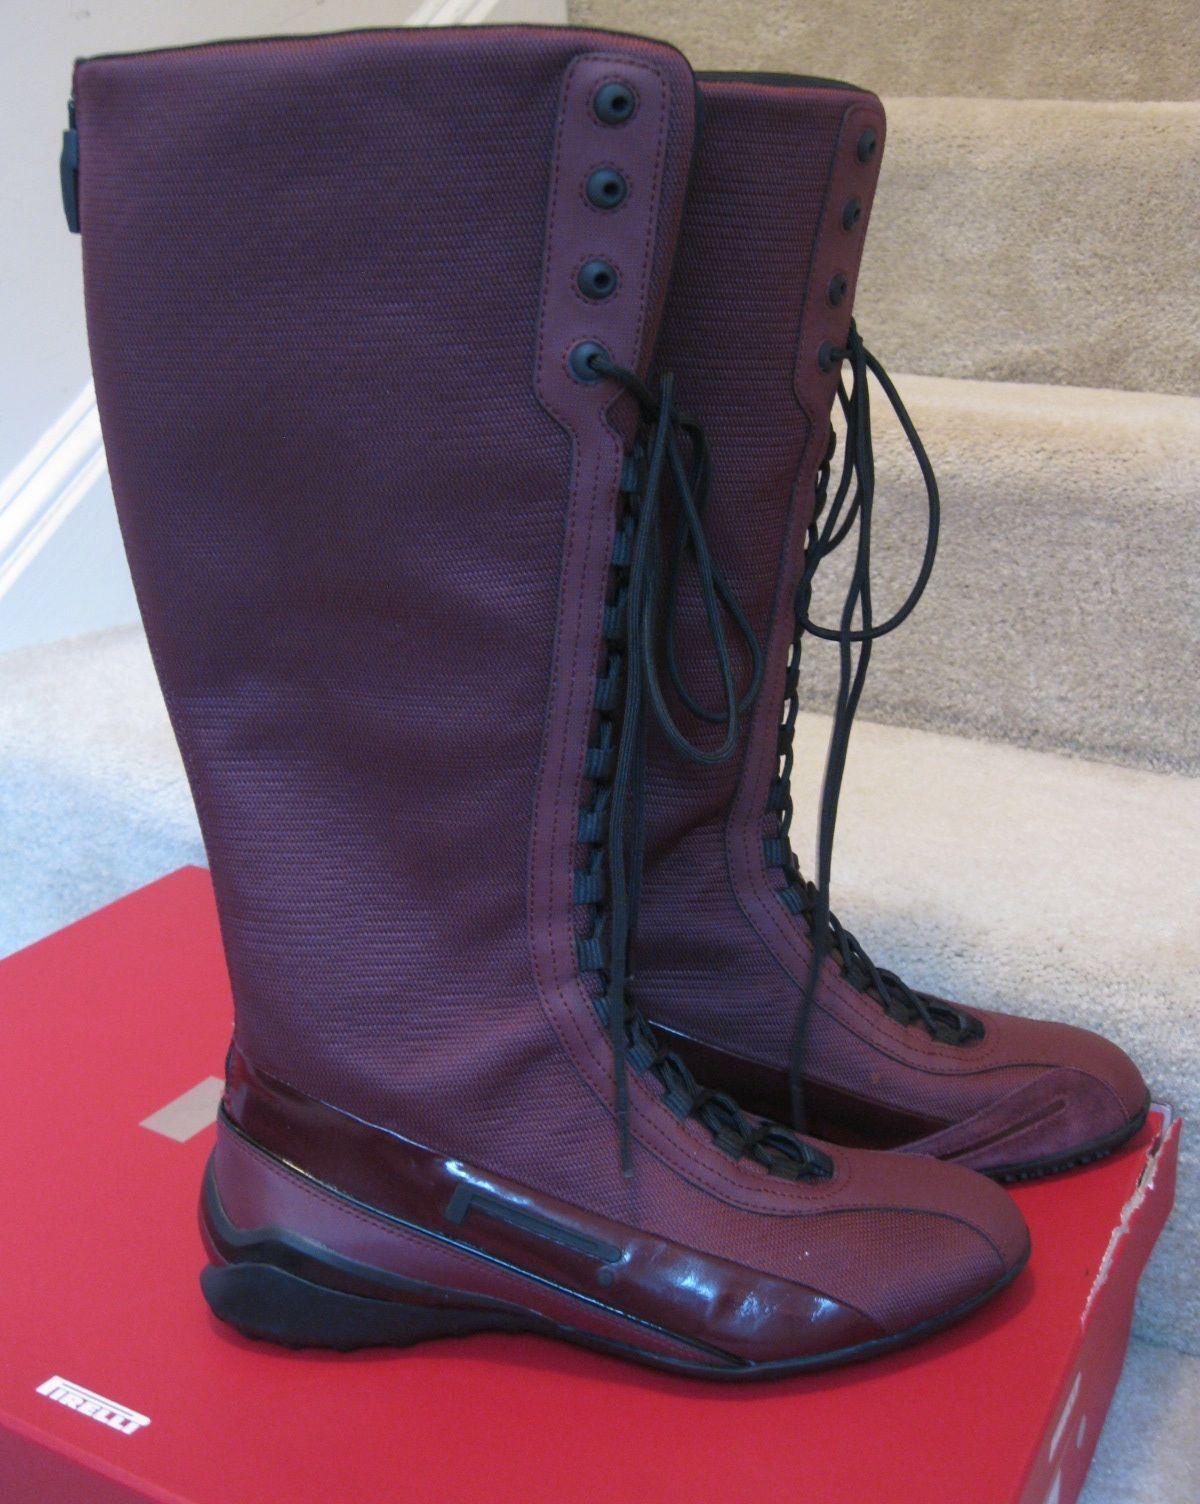 Pirelli PZERO Rosso Corsa Ladies Boots Size 7.5 Vino Color NWT Brand New w/Box